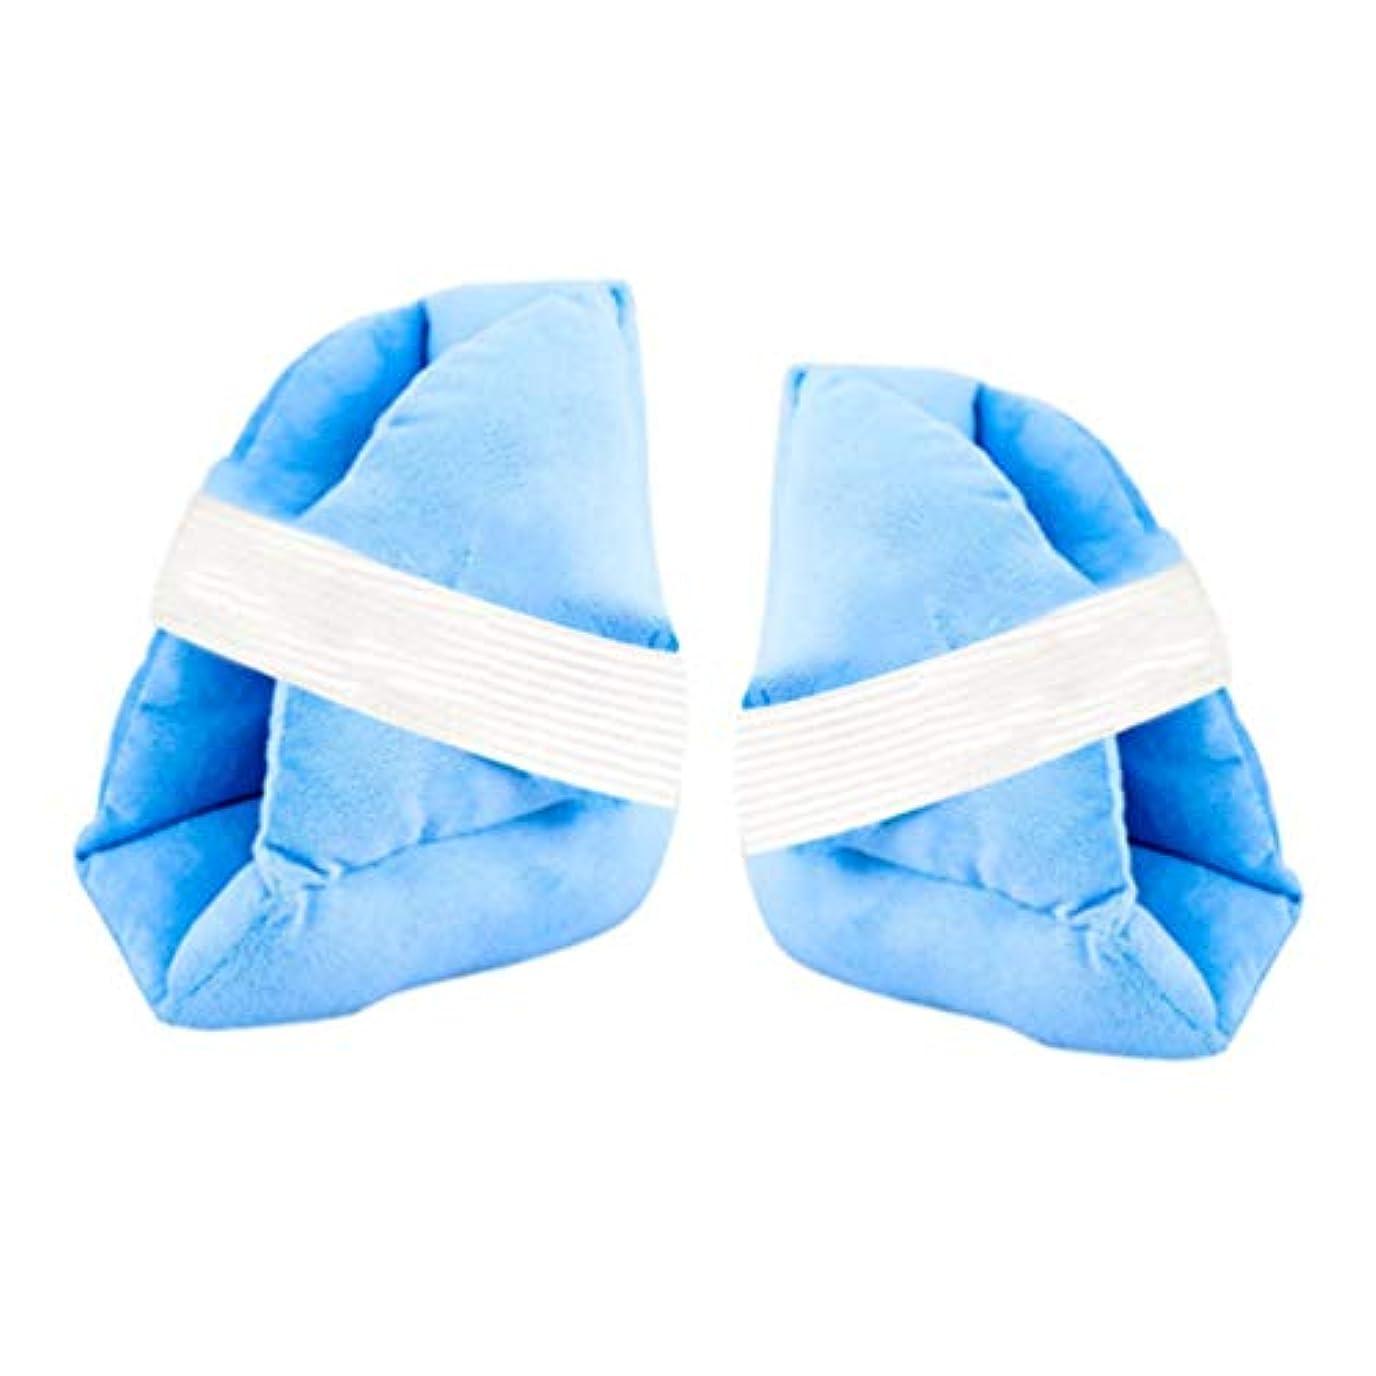 近くみがきますリンケージ柔らかく快適なヒールプロテクター枕、ヒールフロートヒールプロテクター、Pressure瘡予防のためのアキレス腱プロテクター、高齢者の足補正カバー,b